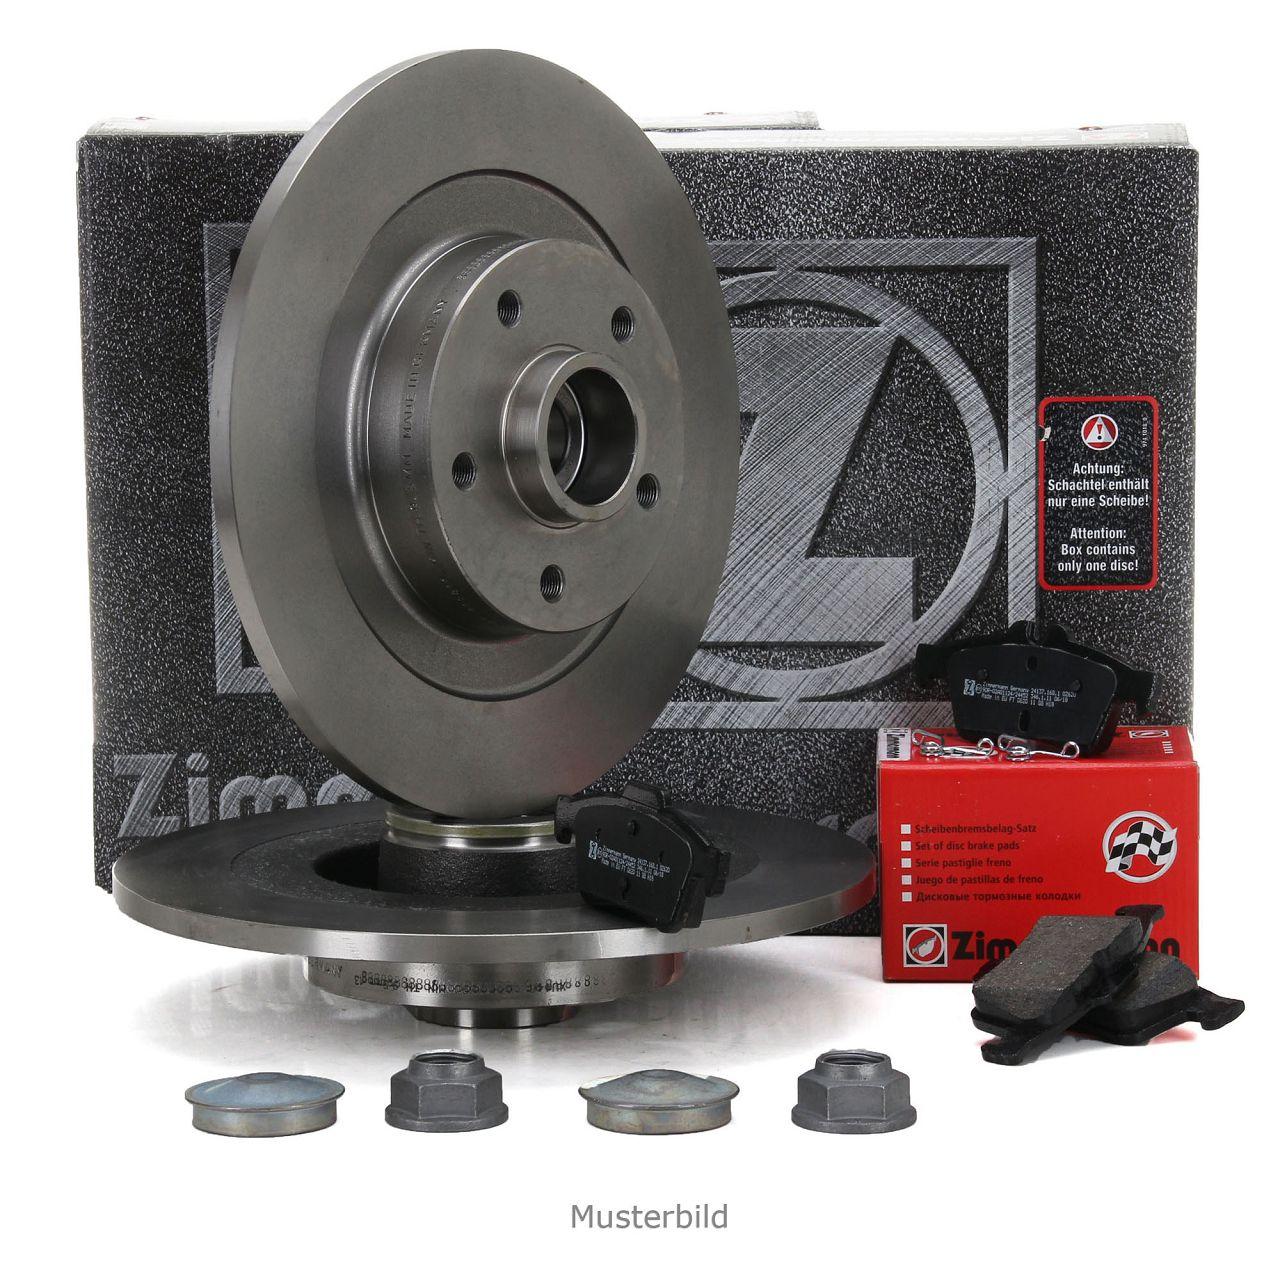 ZIMMERMANN Bremsen Bremsscheiben + Radlager + Beläge für Citroen C4 II hinten